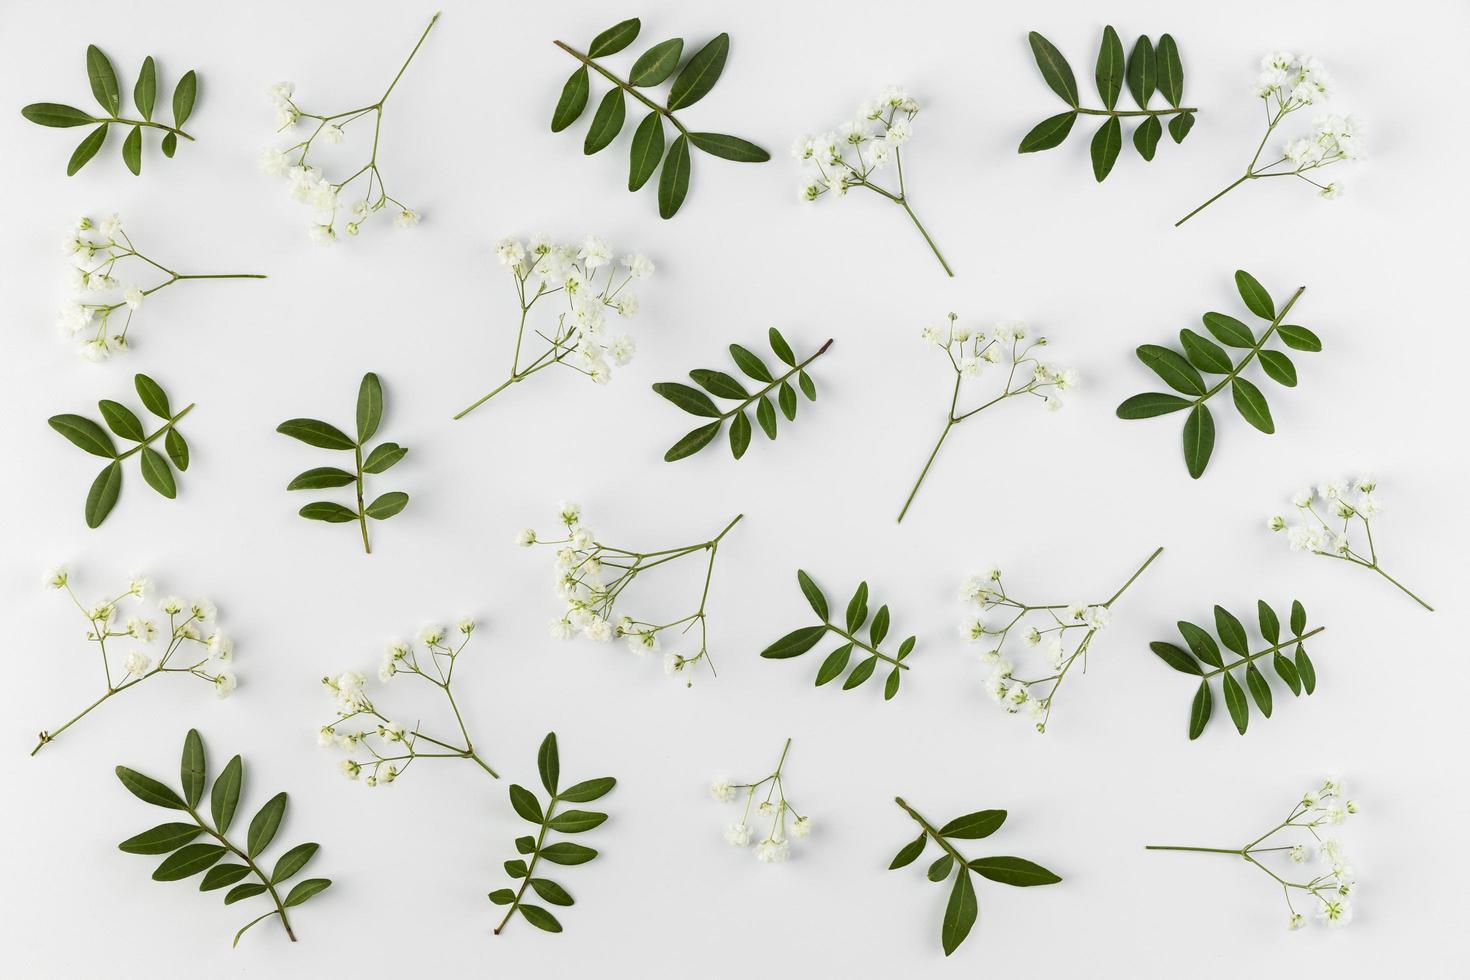 flach legen Blumen auf weißem Hintergrund foto